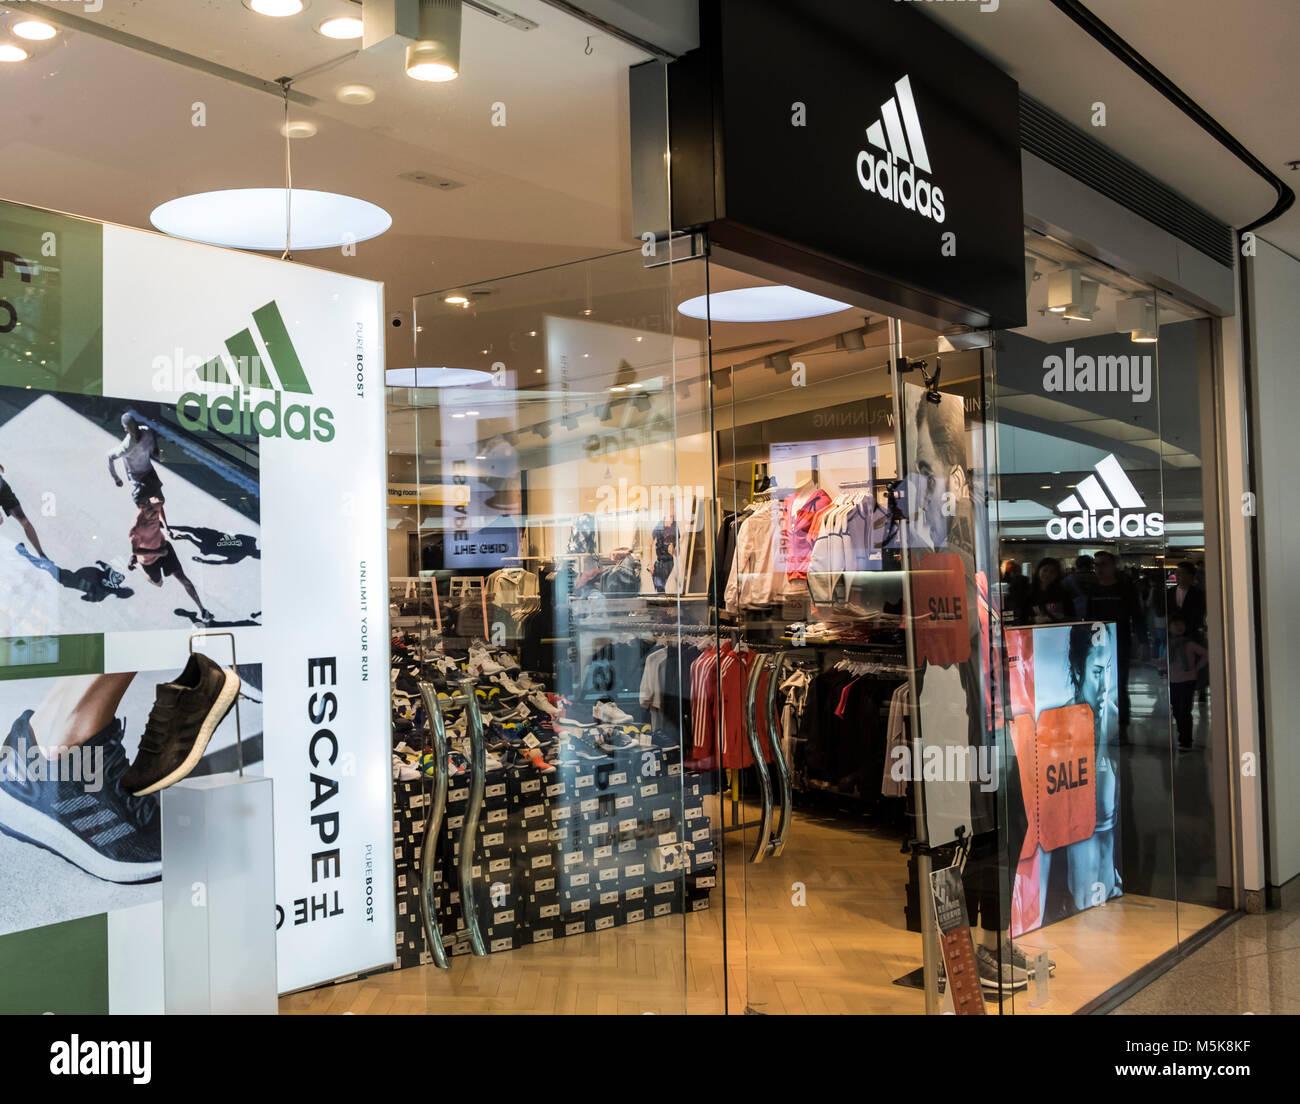 all'avanguardia dei tempi meglio il più votato a buon mercato Adidas Outlet Store Immagini & Adidas Outlet Store Fotos Stock - Alamy